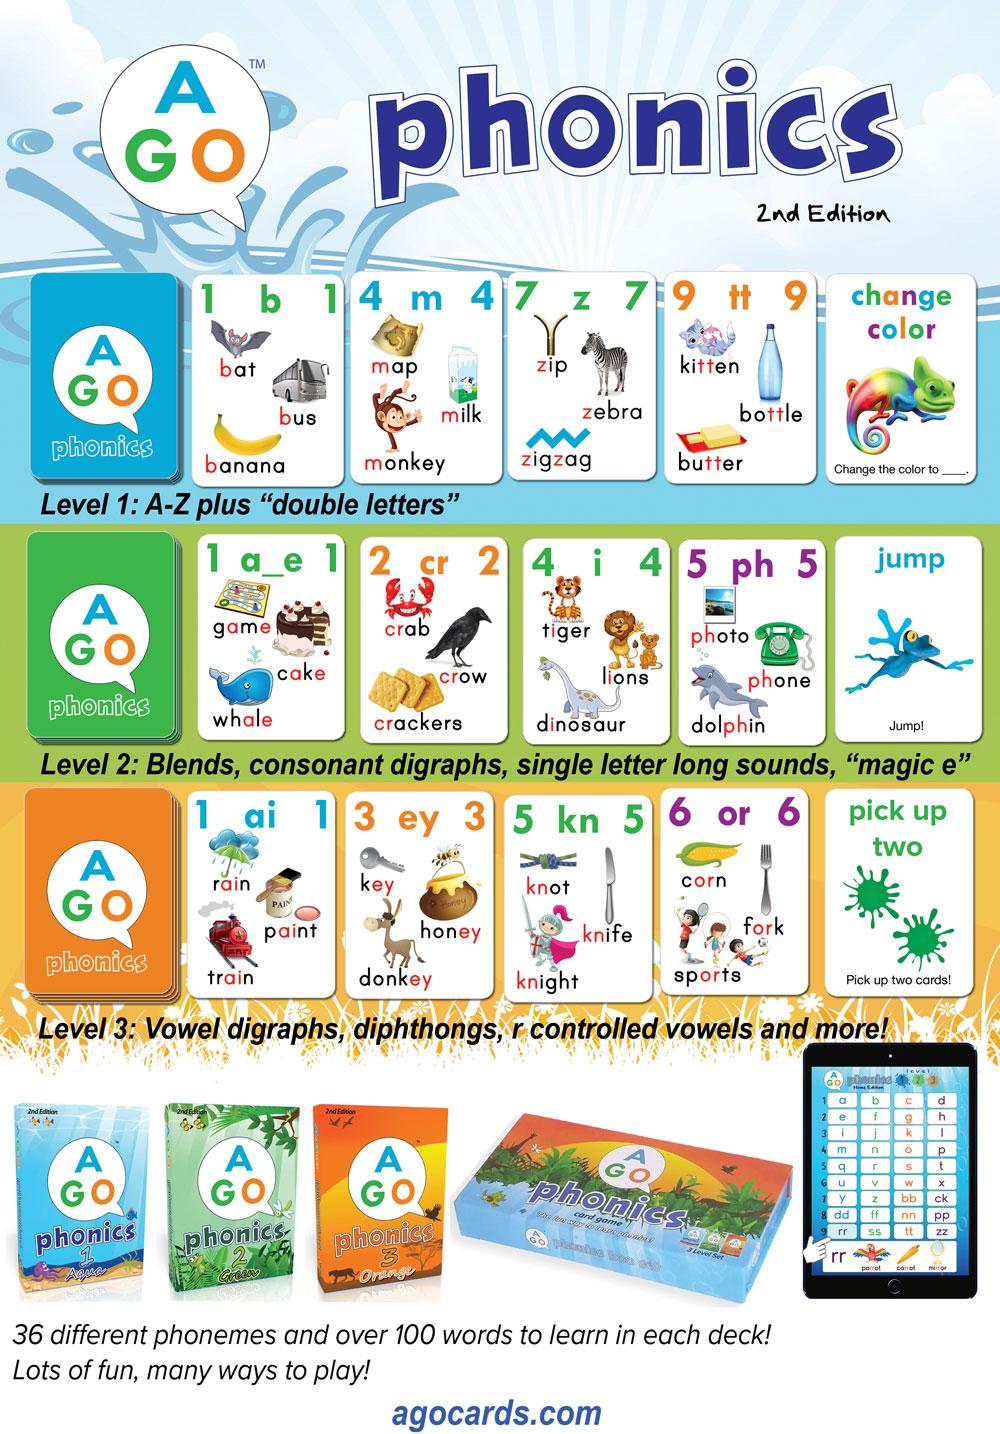 AGO-Phonics-images.jpg